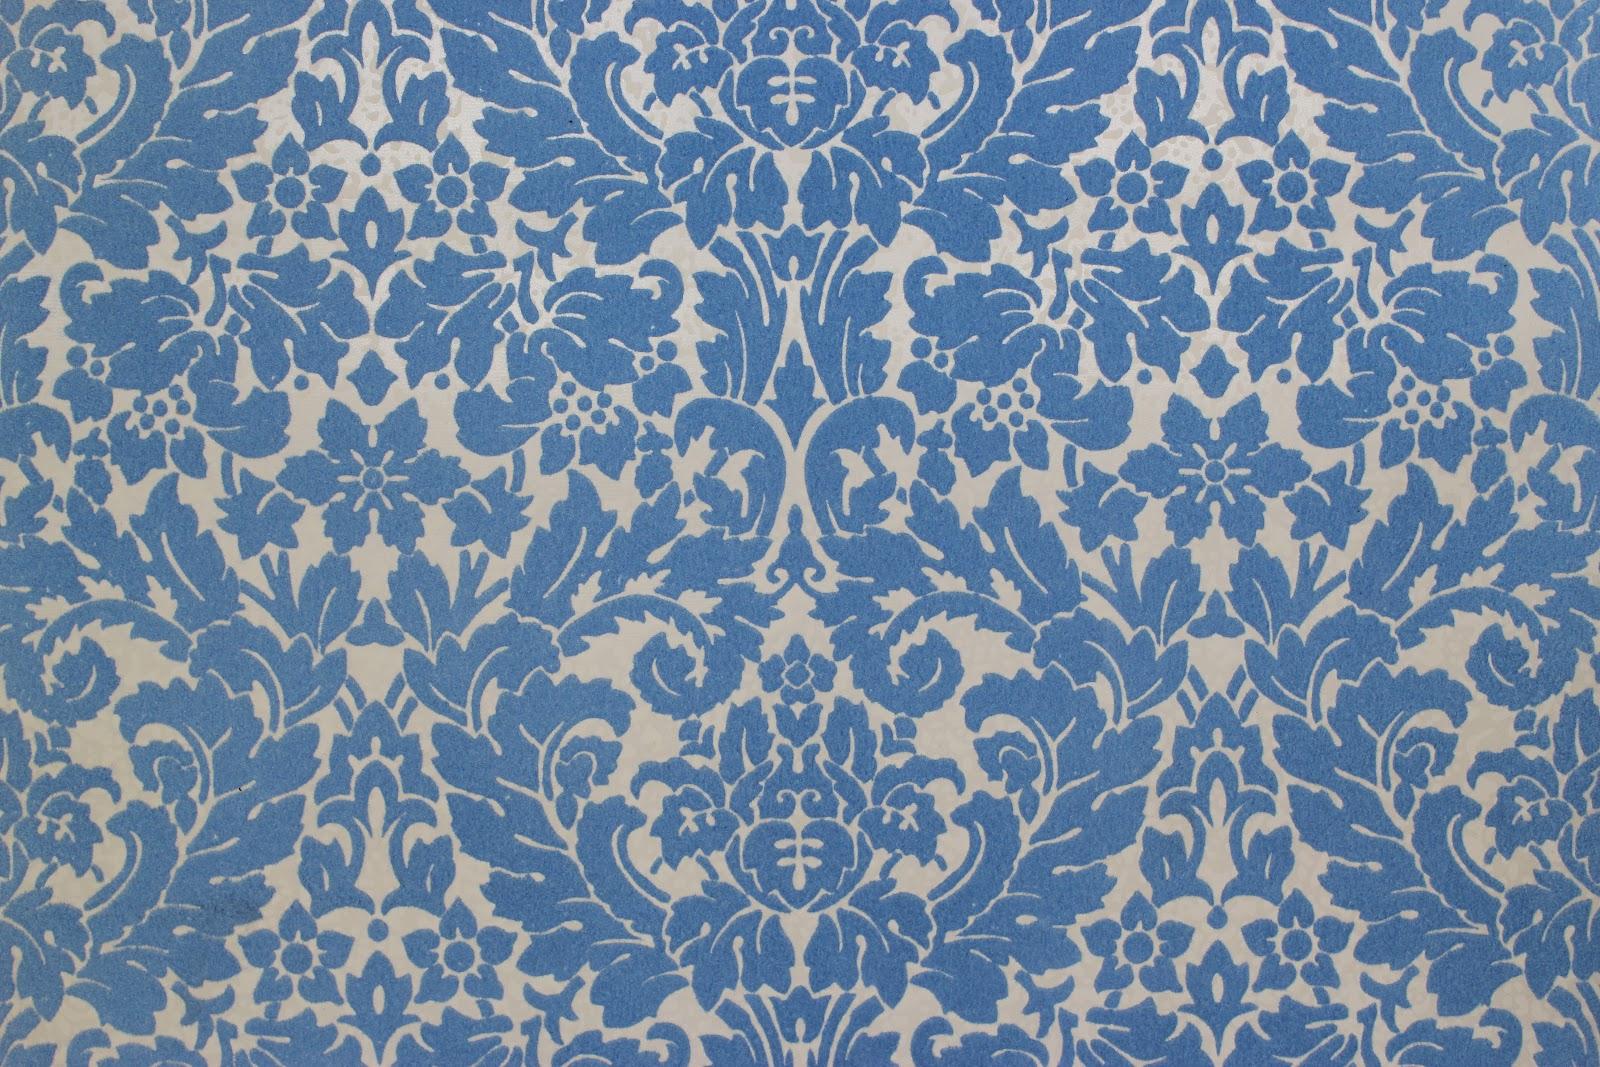 Rosies Vintage Wallpaper Vintage Flocked Wallpaper 1600x1067